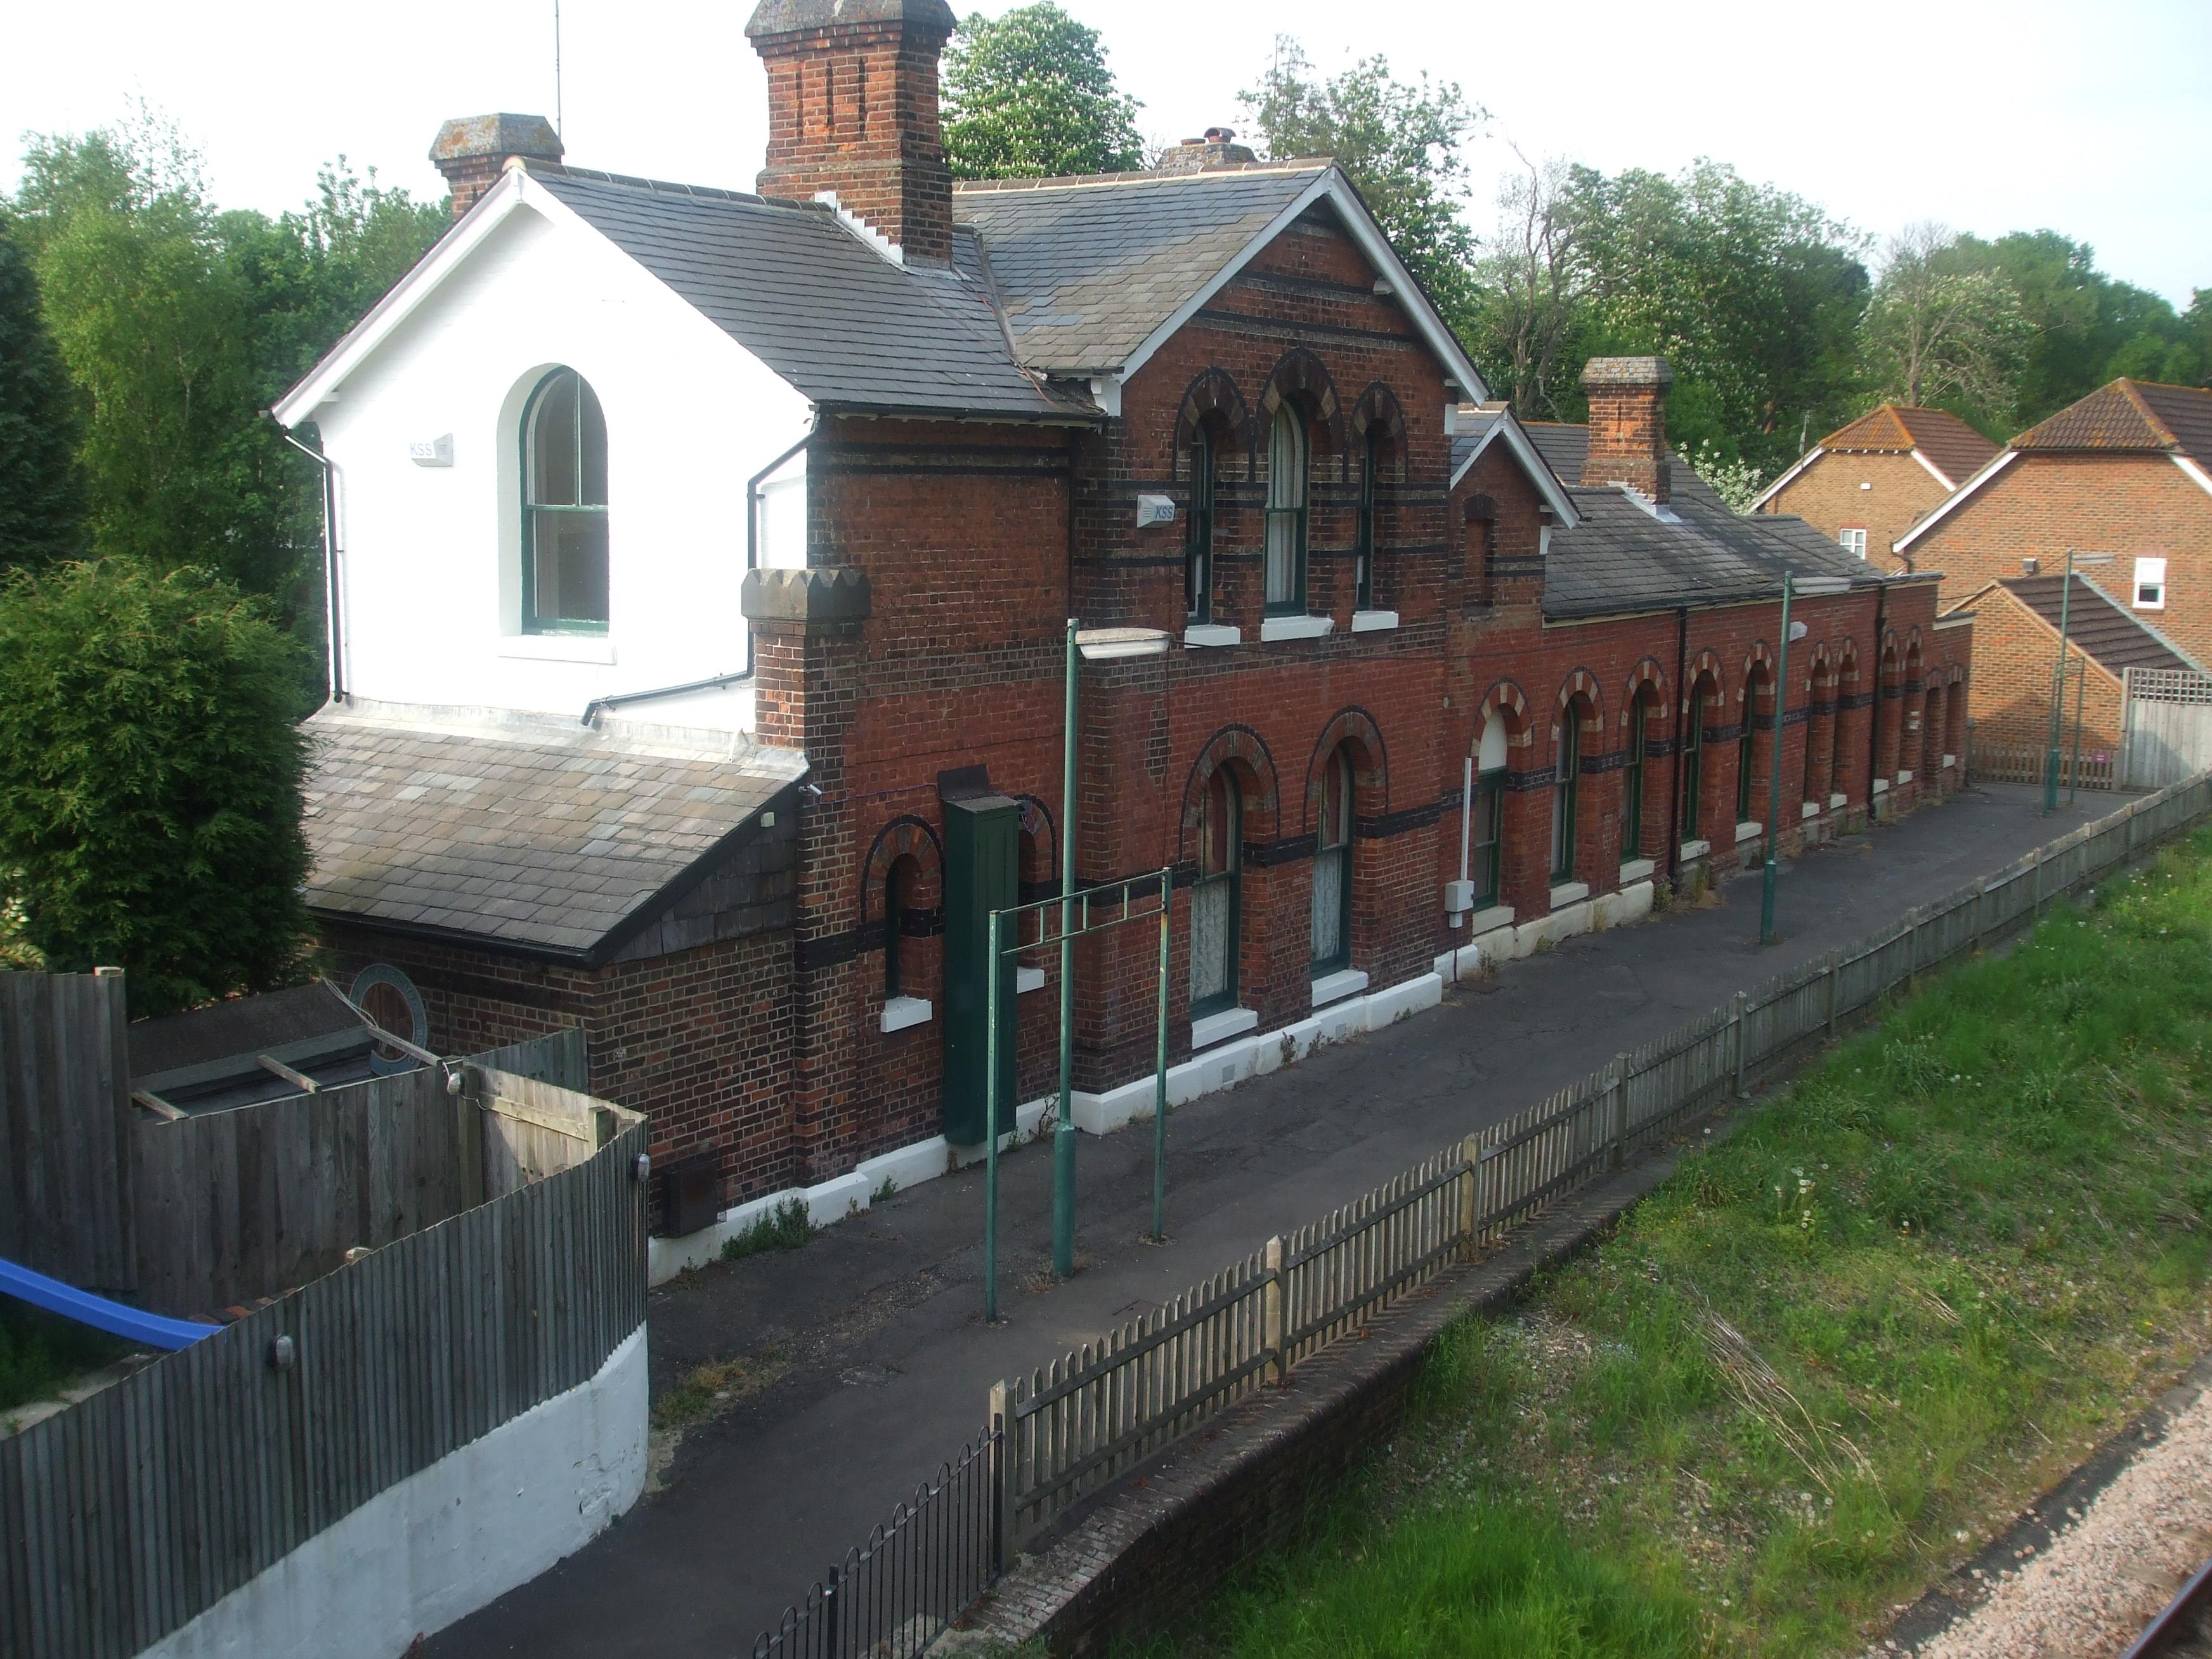 2 Tunbridge Wells to Withyham and Eridge. Groombridge Railway Station Photo